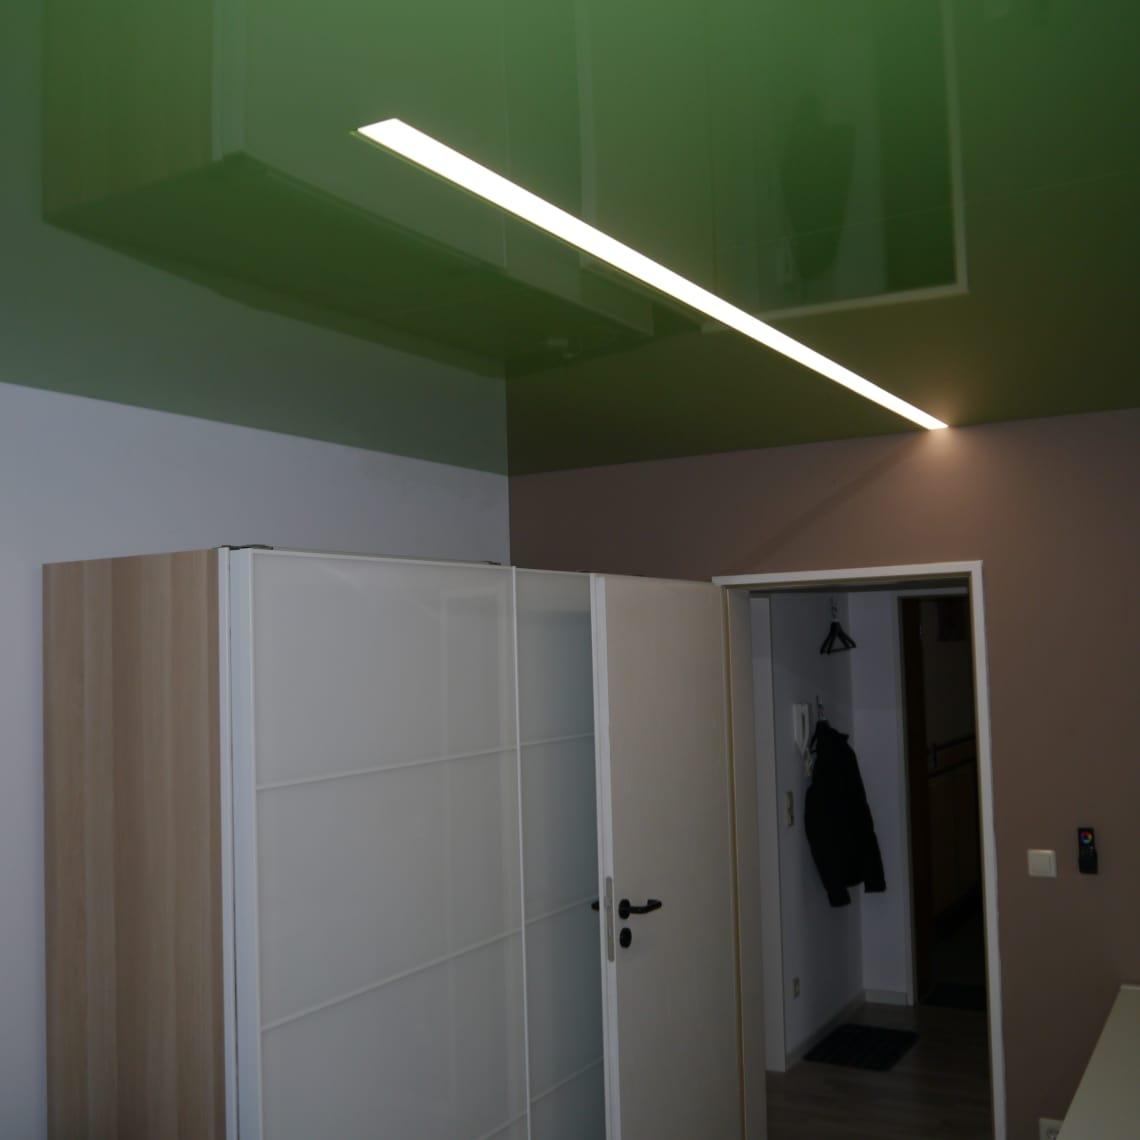 Spanndecke grün hochglanz mit Lichteinsatz